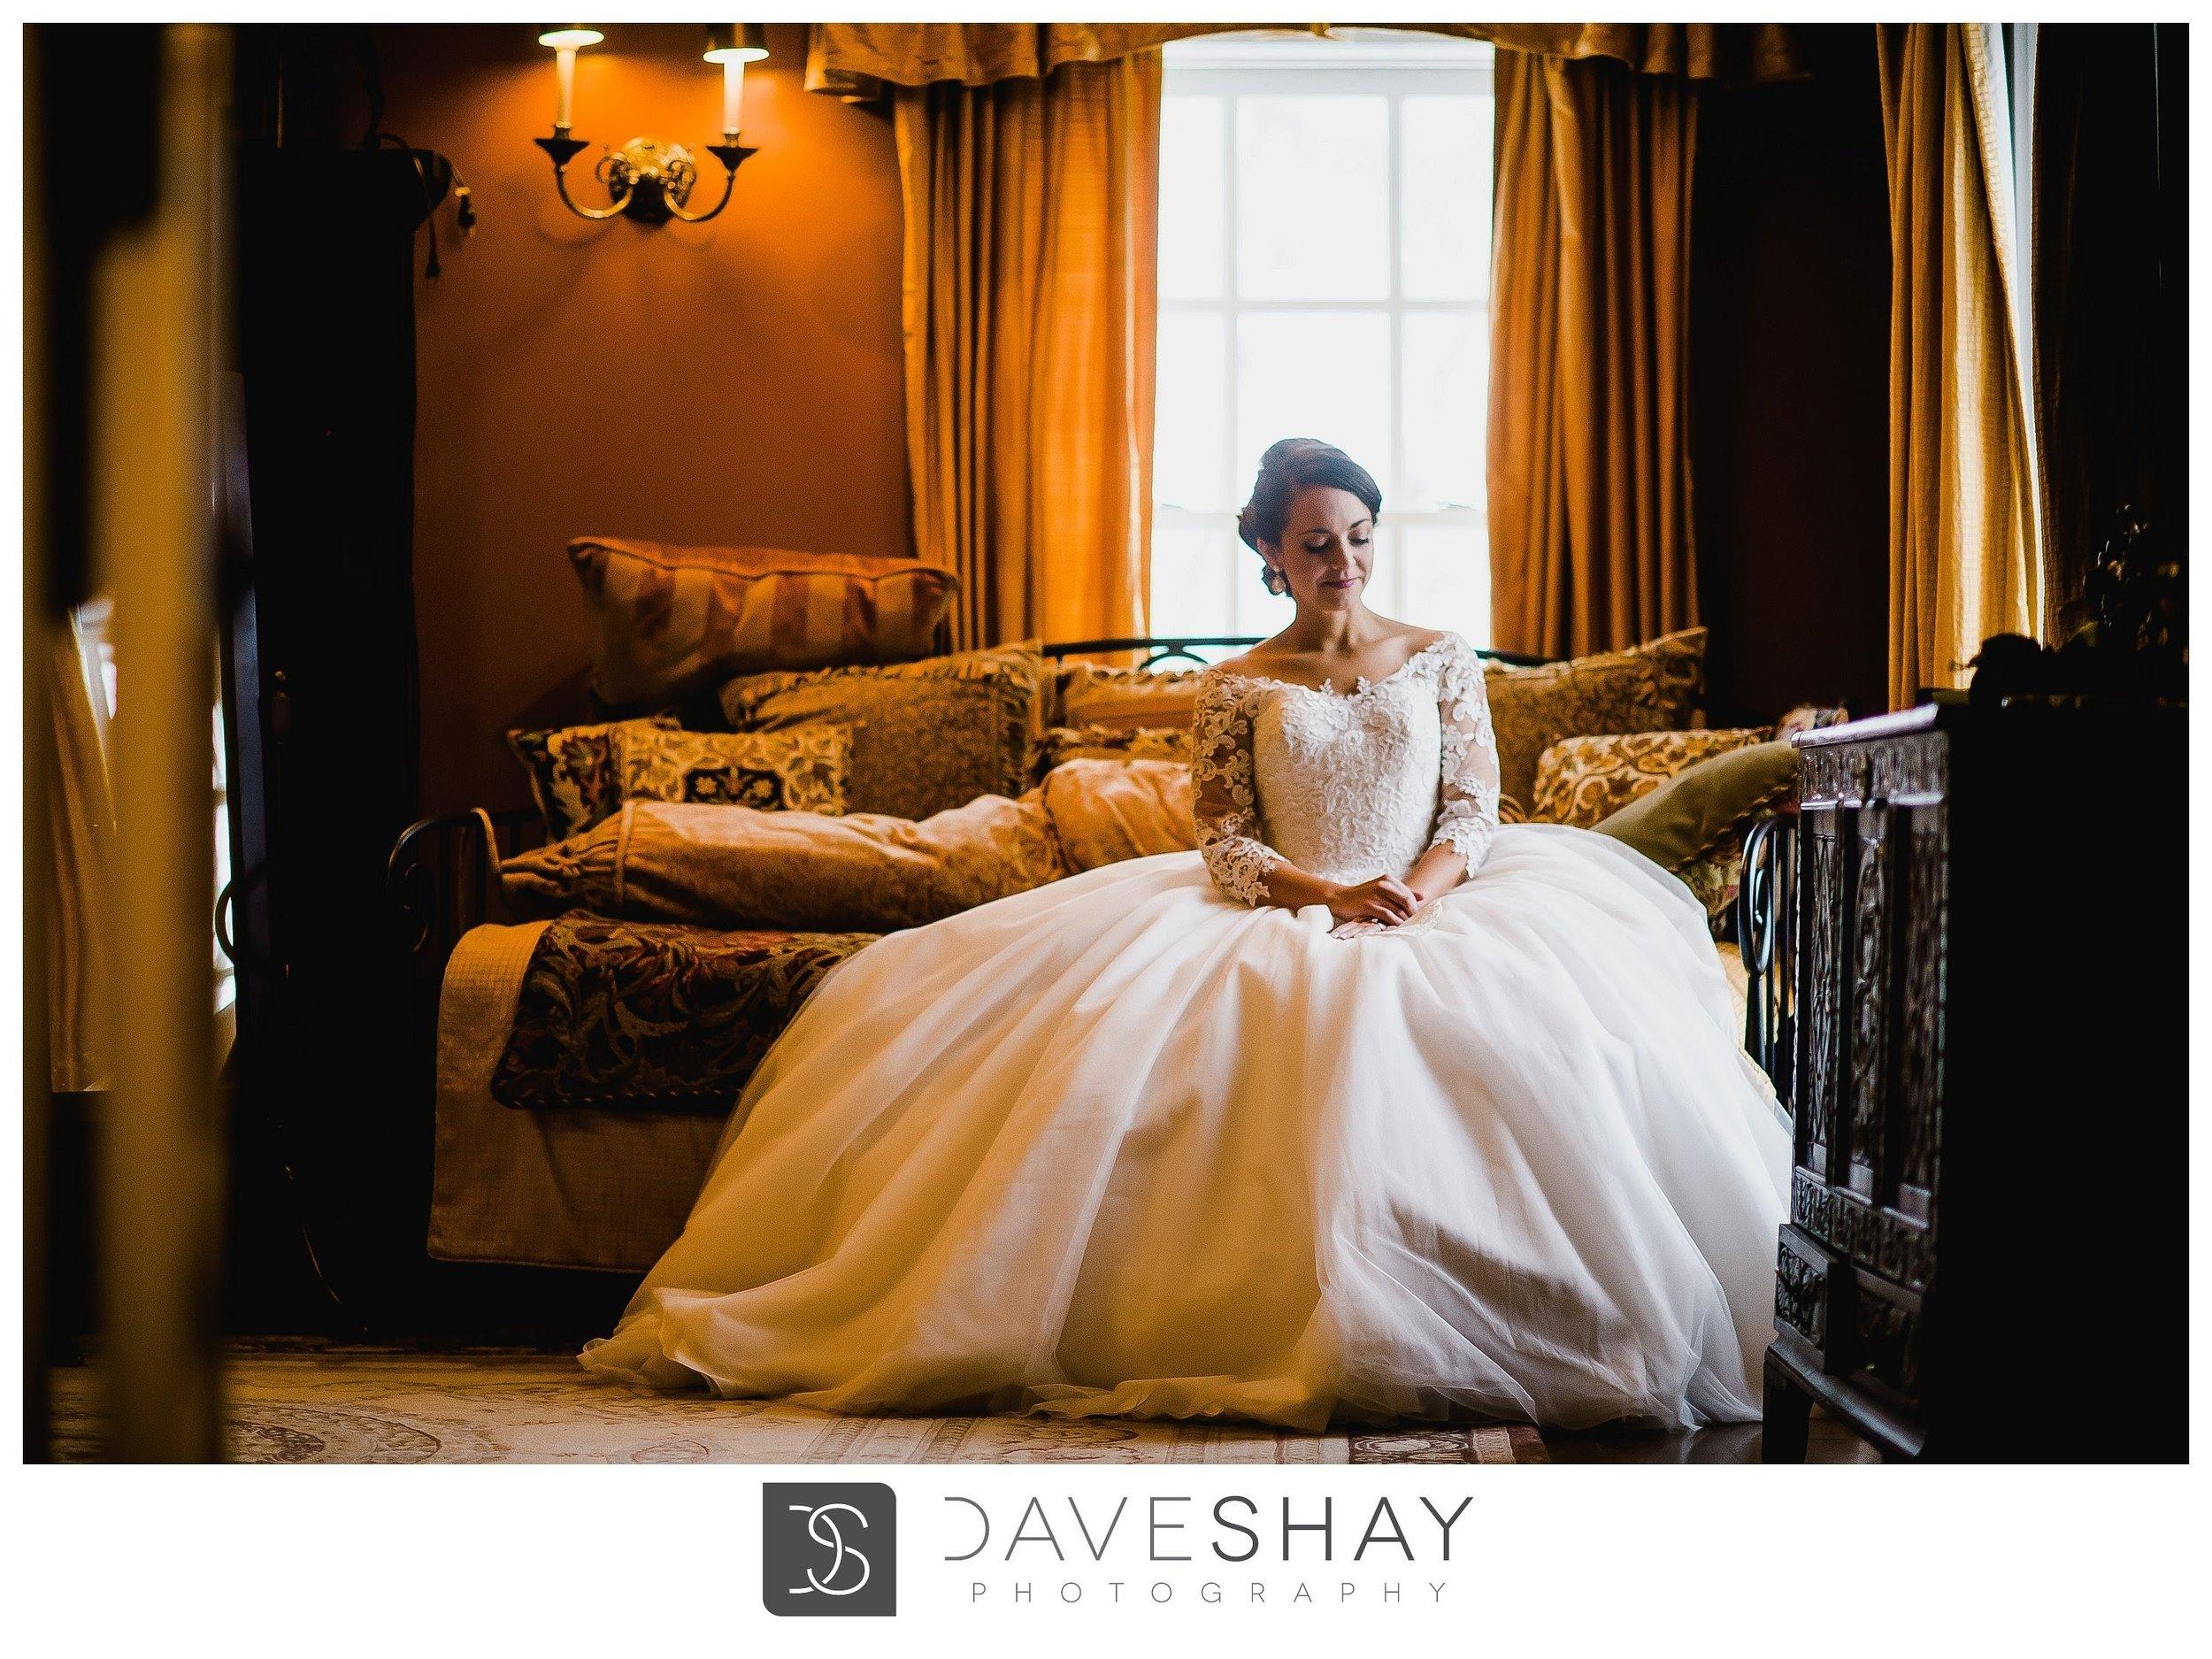 LaurenandJonathan-DaveShayPhotography-RaleighWeddingPhotographer(216of1003).jpg